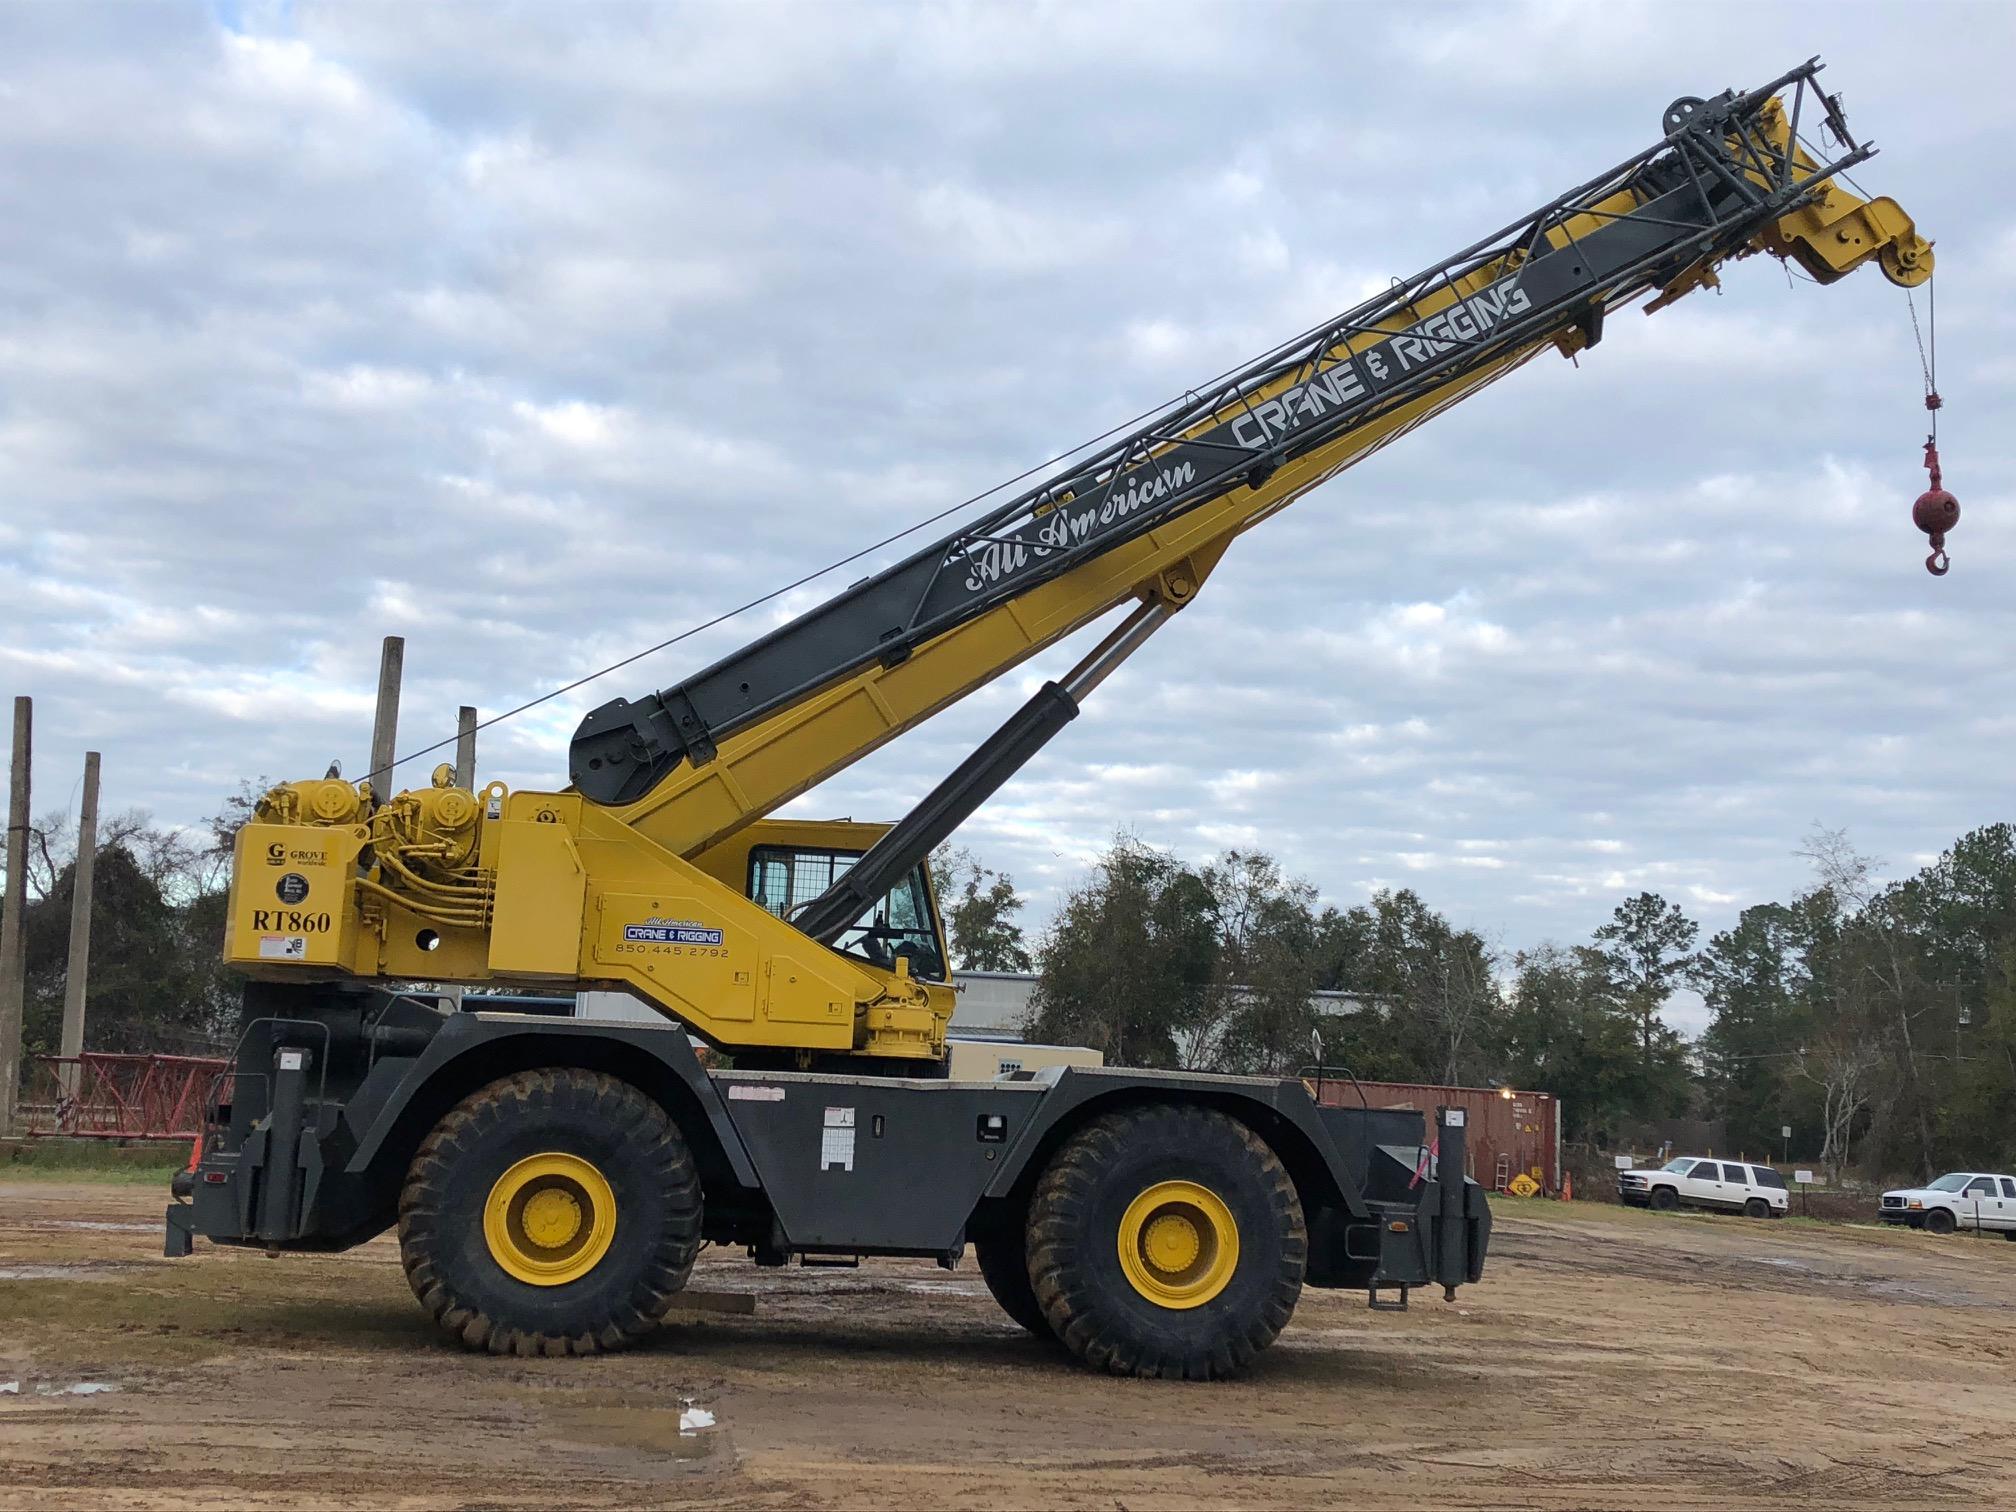 60 Ton Rough Terrain Crane